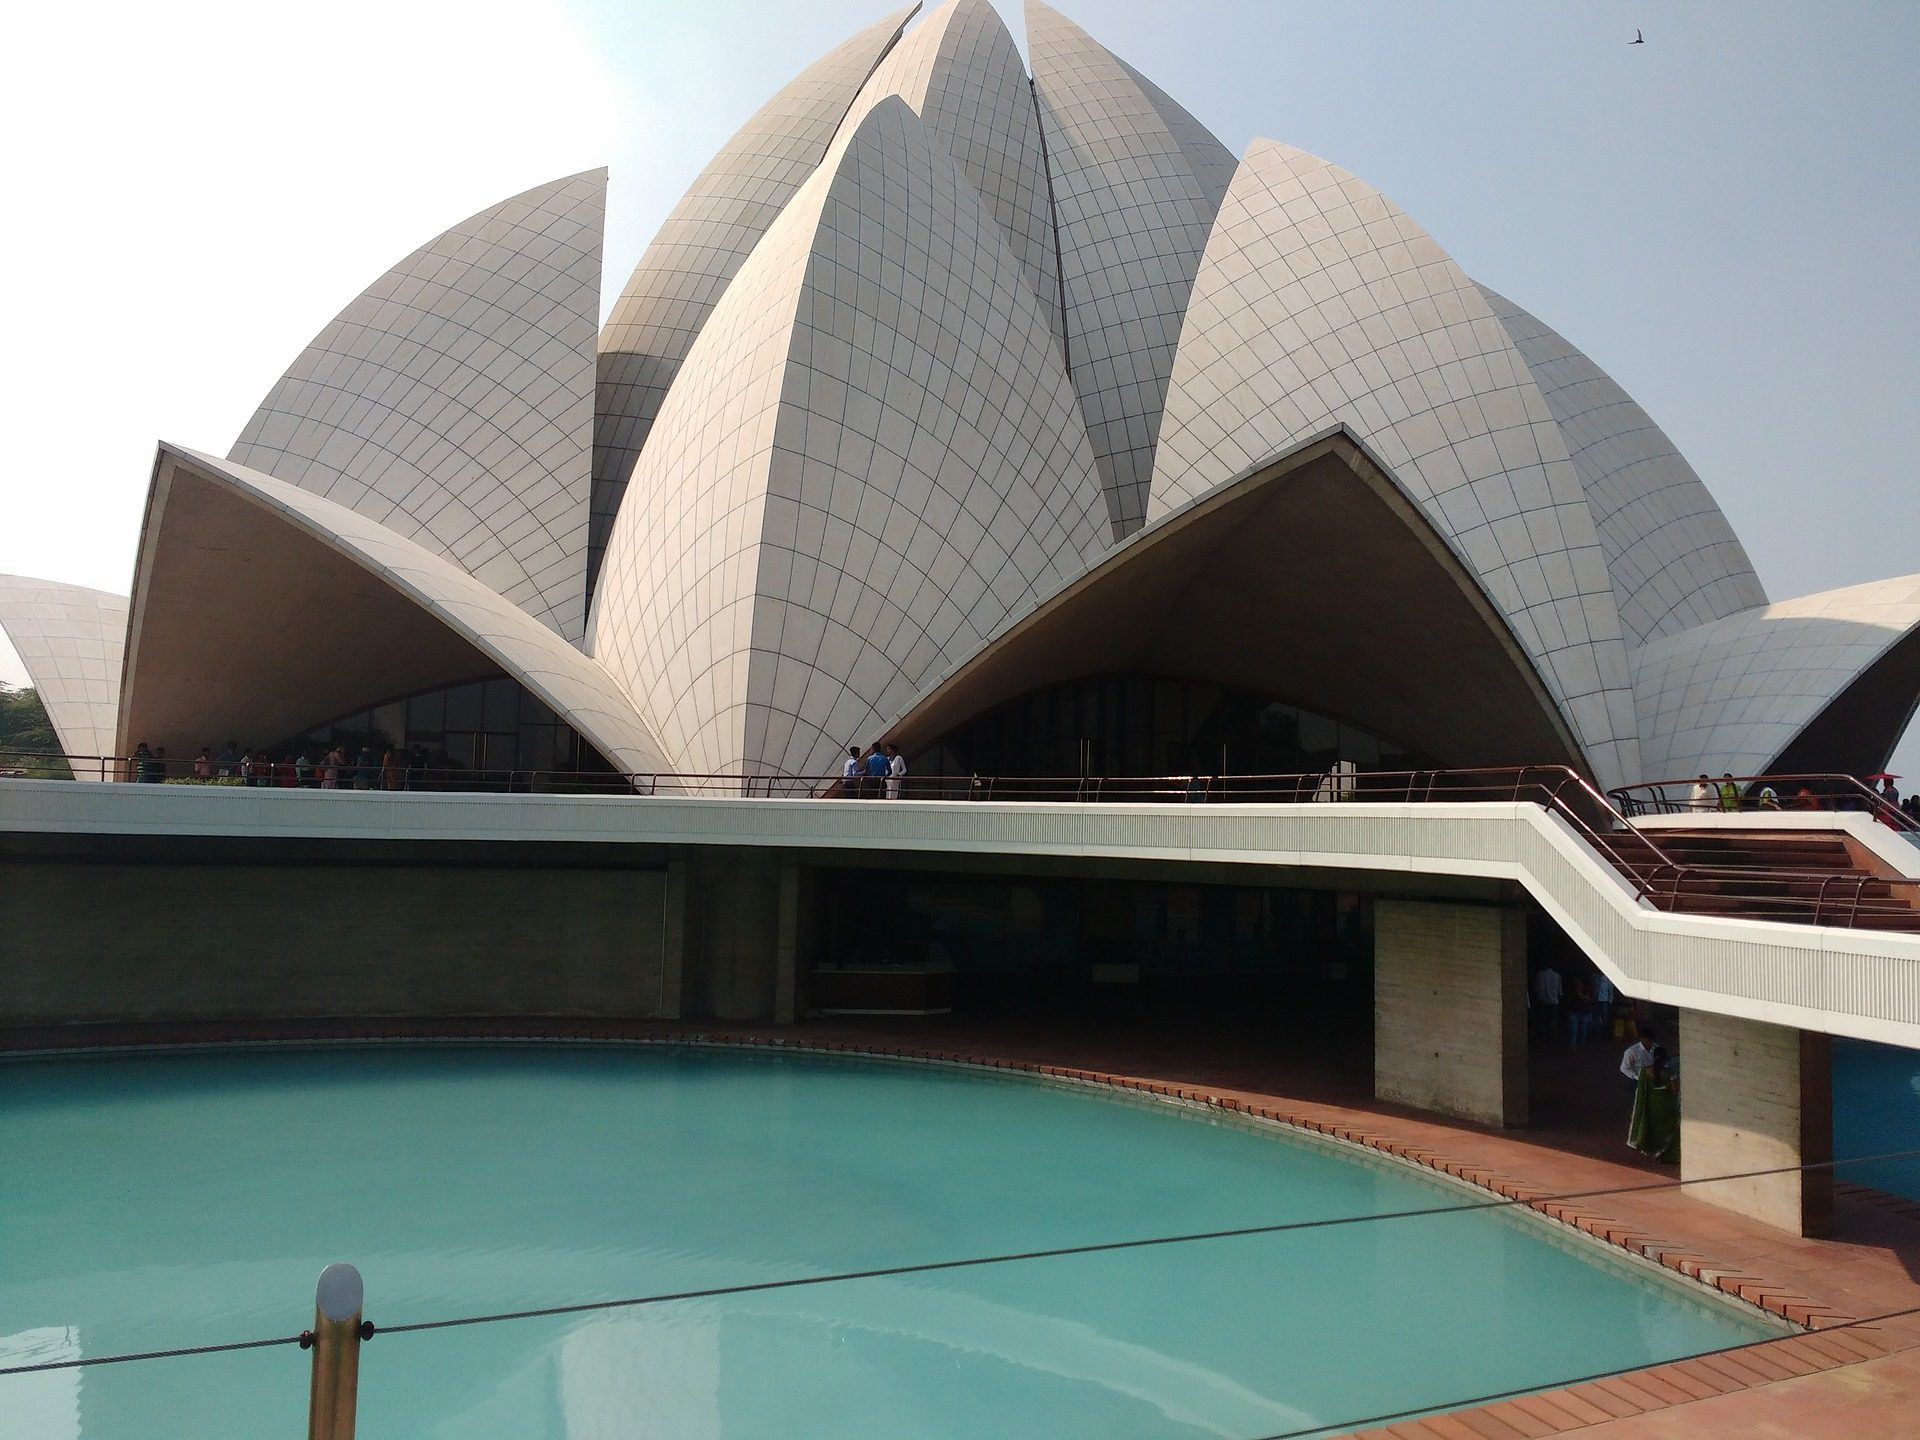 Bus in Delhi ab 12,46€ 2 Tage - Pauschalreise nach Indien ab 841,00€